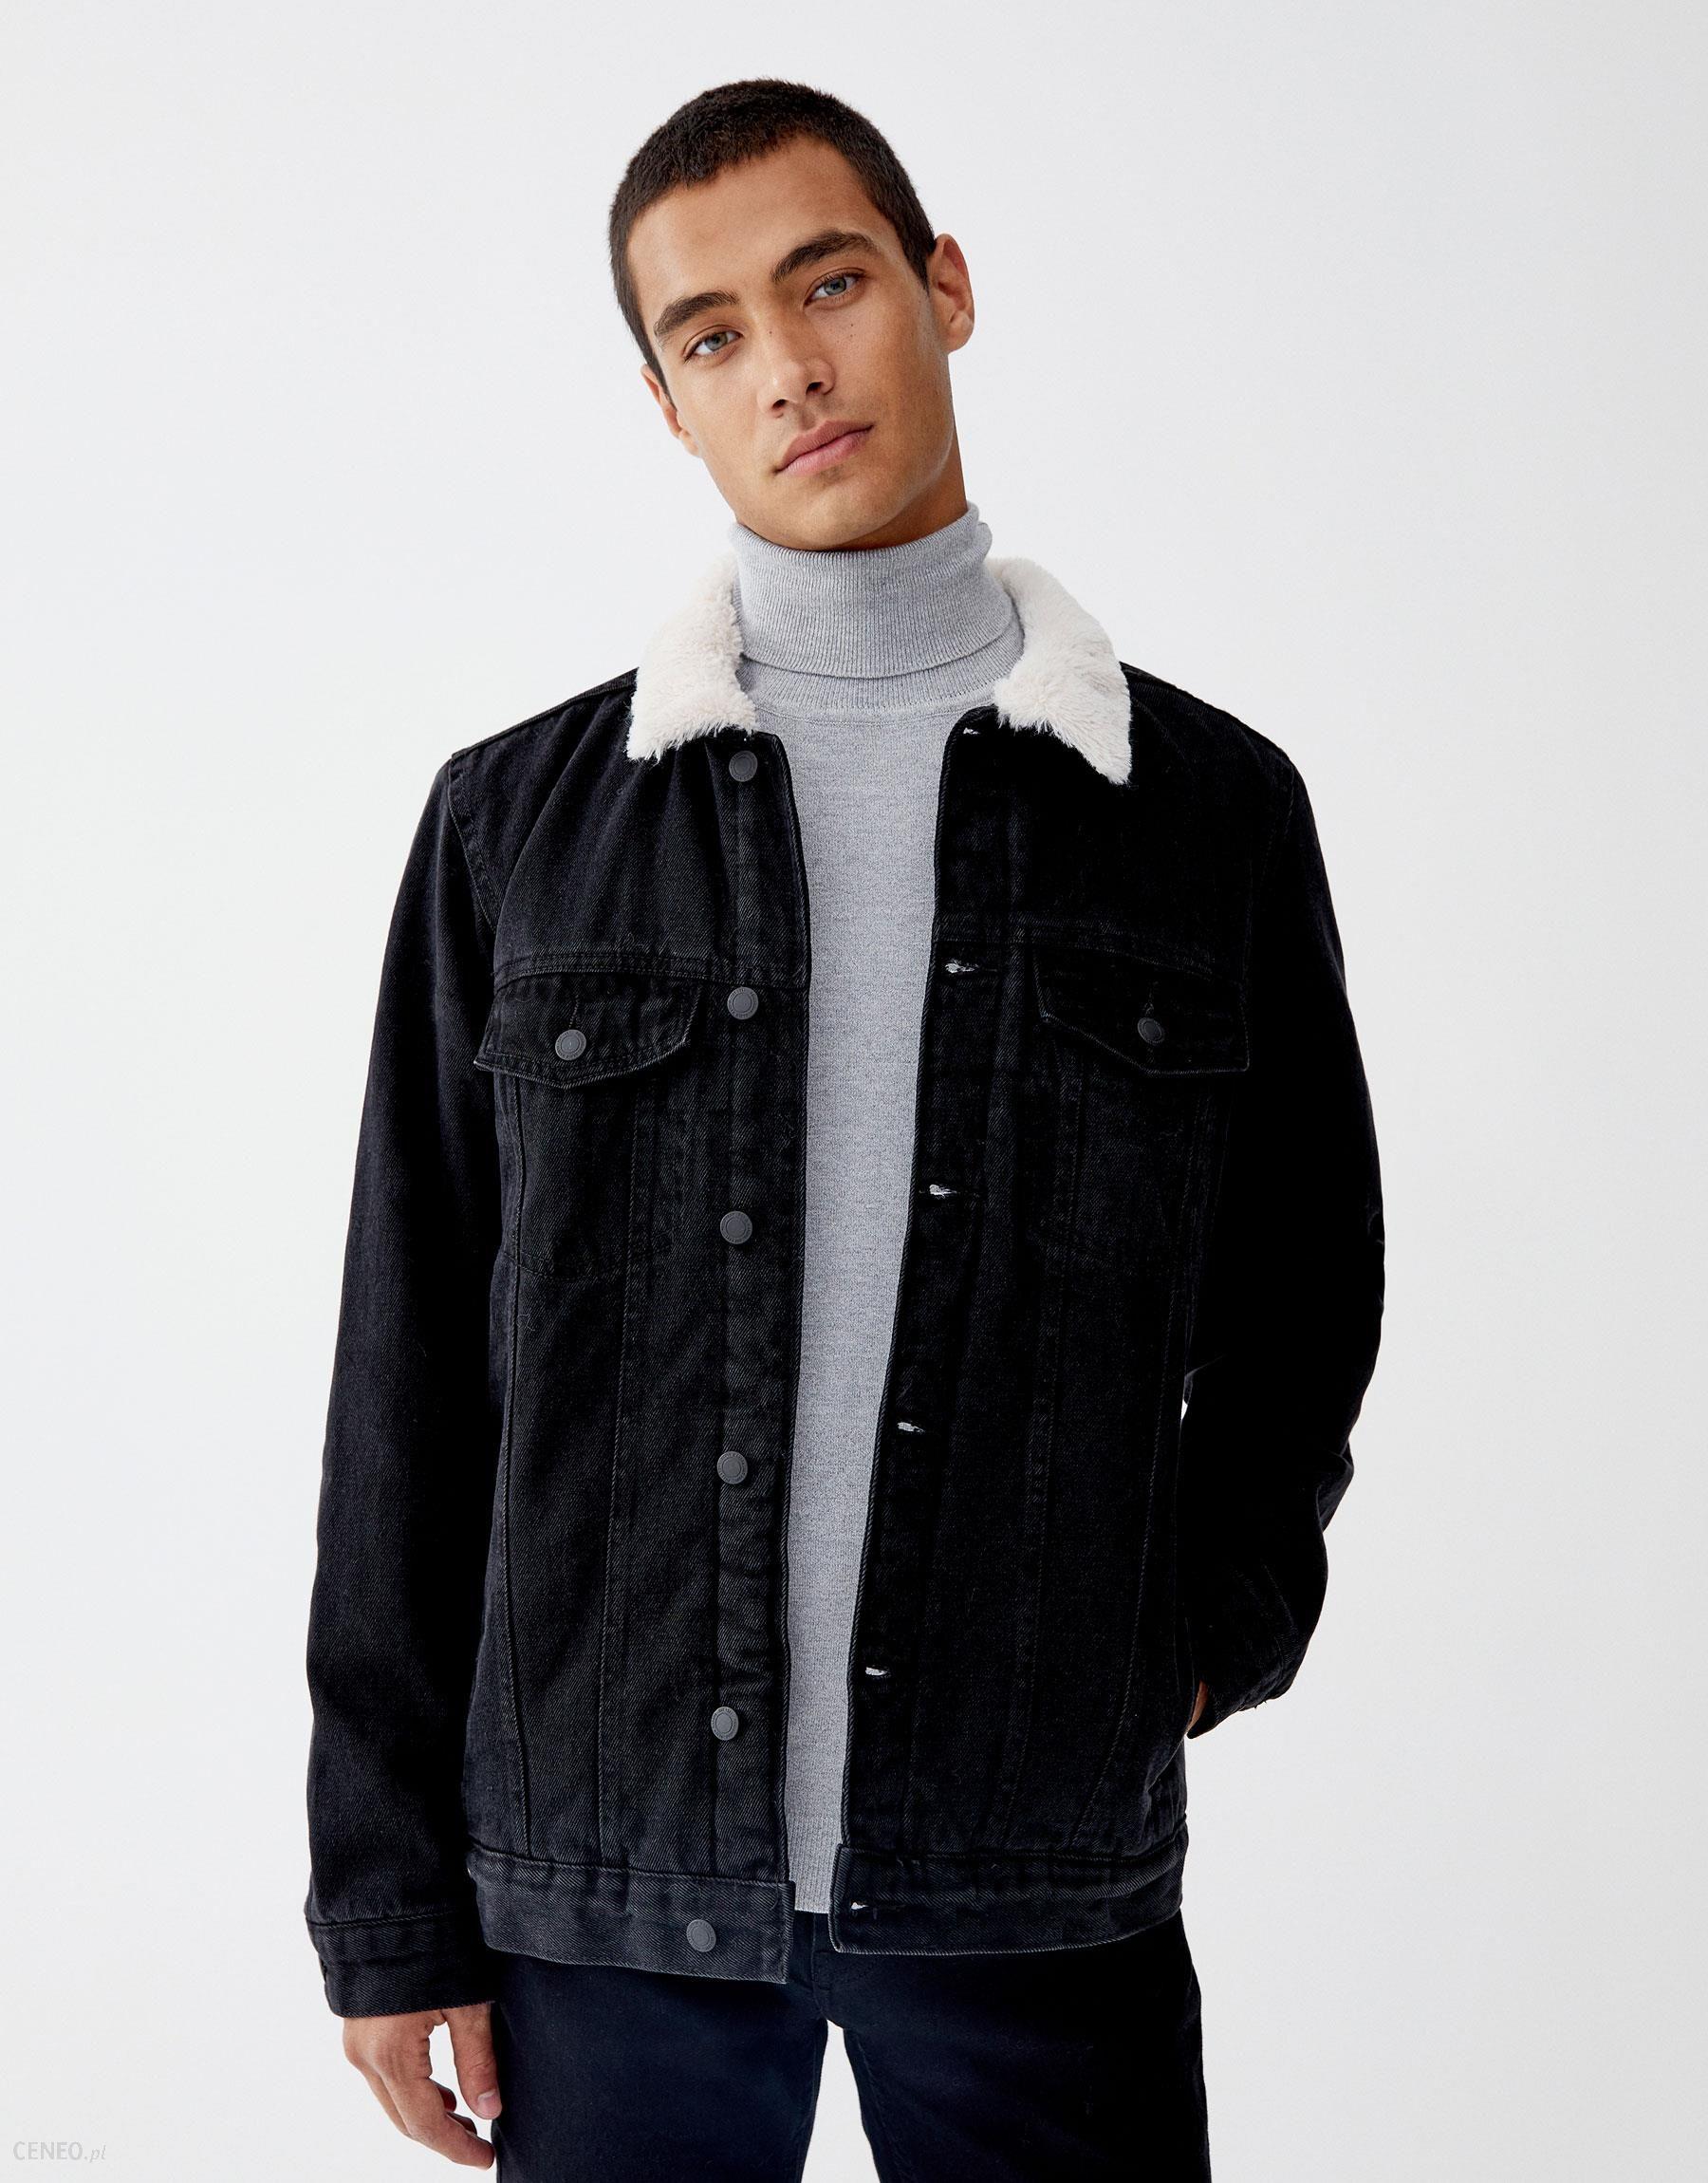 Kurtka jeansowa ze sztucznym barankiem